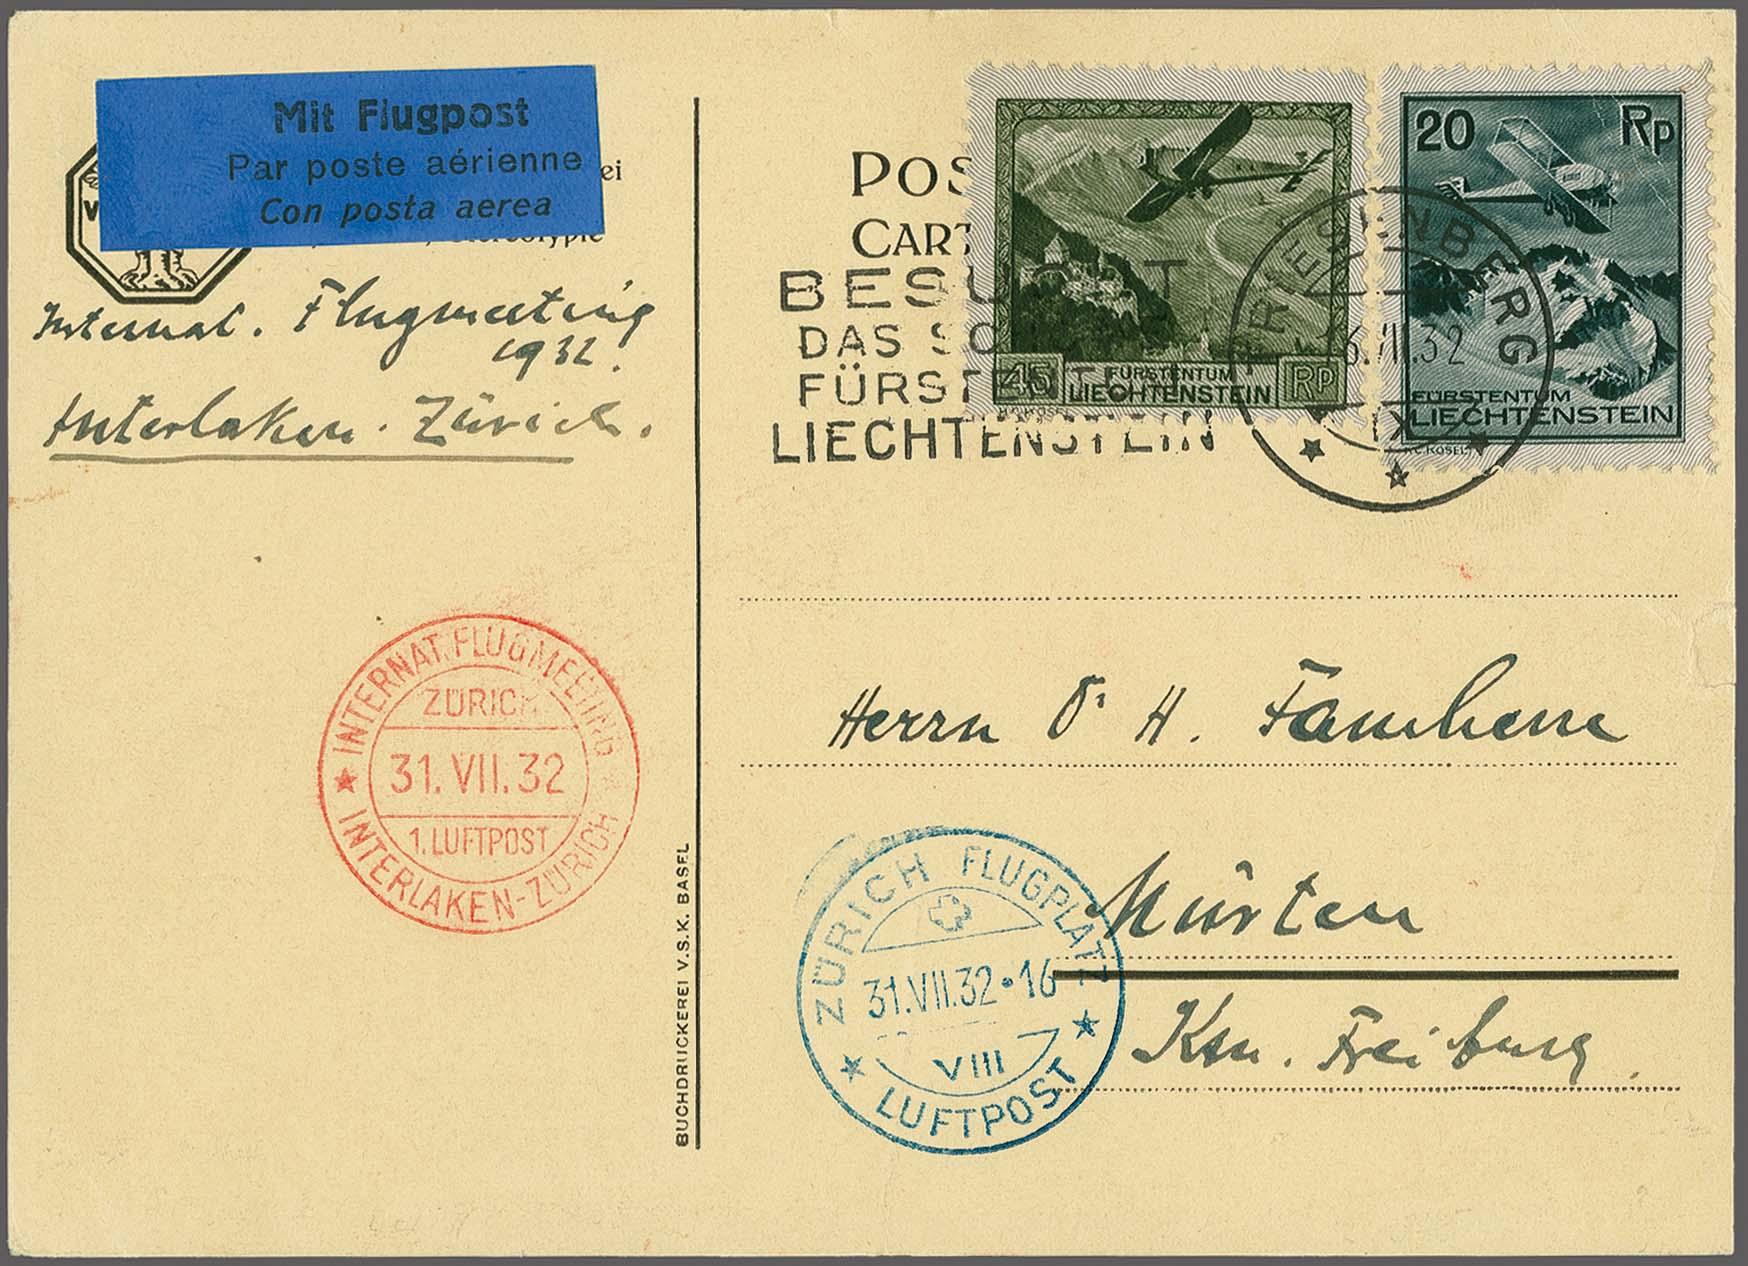 Briefmarken katalog liechtenstein online dating 1